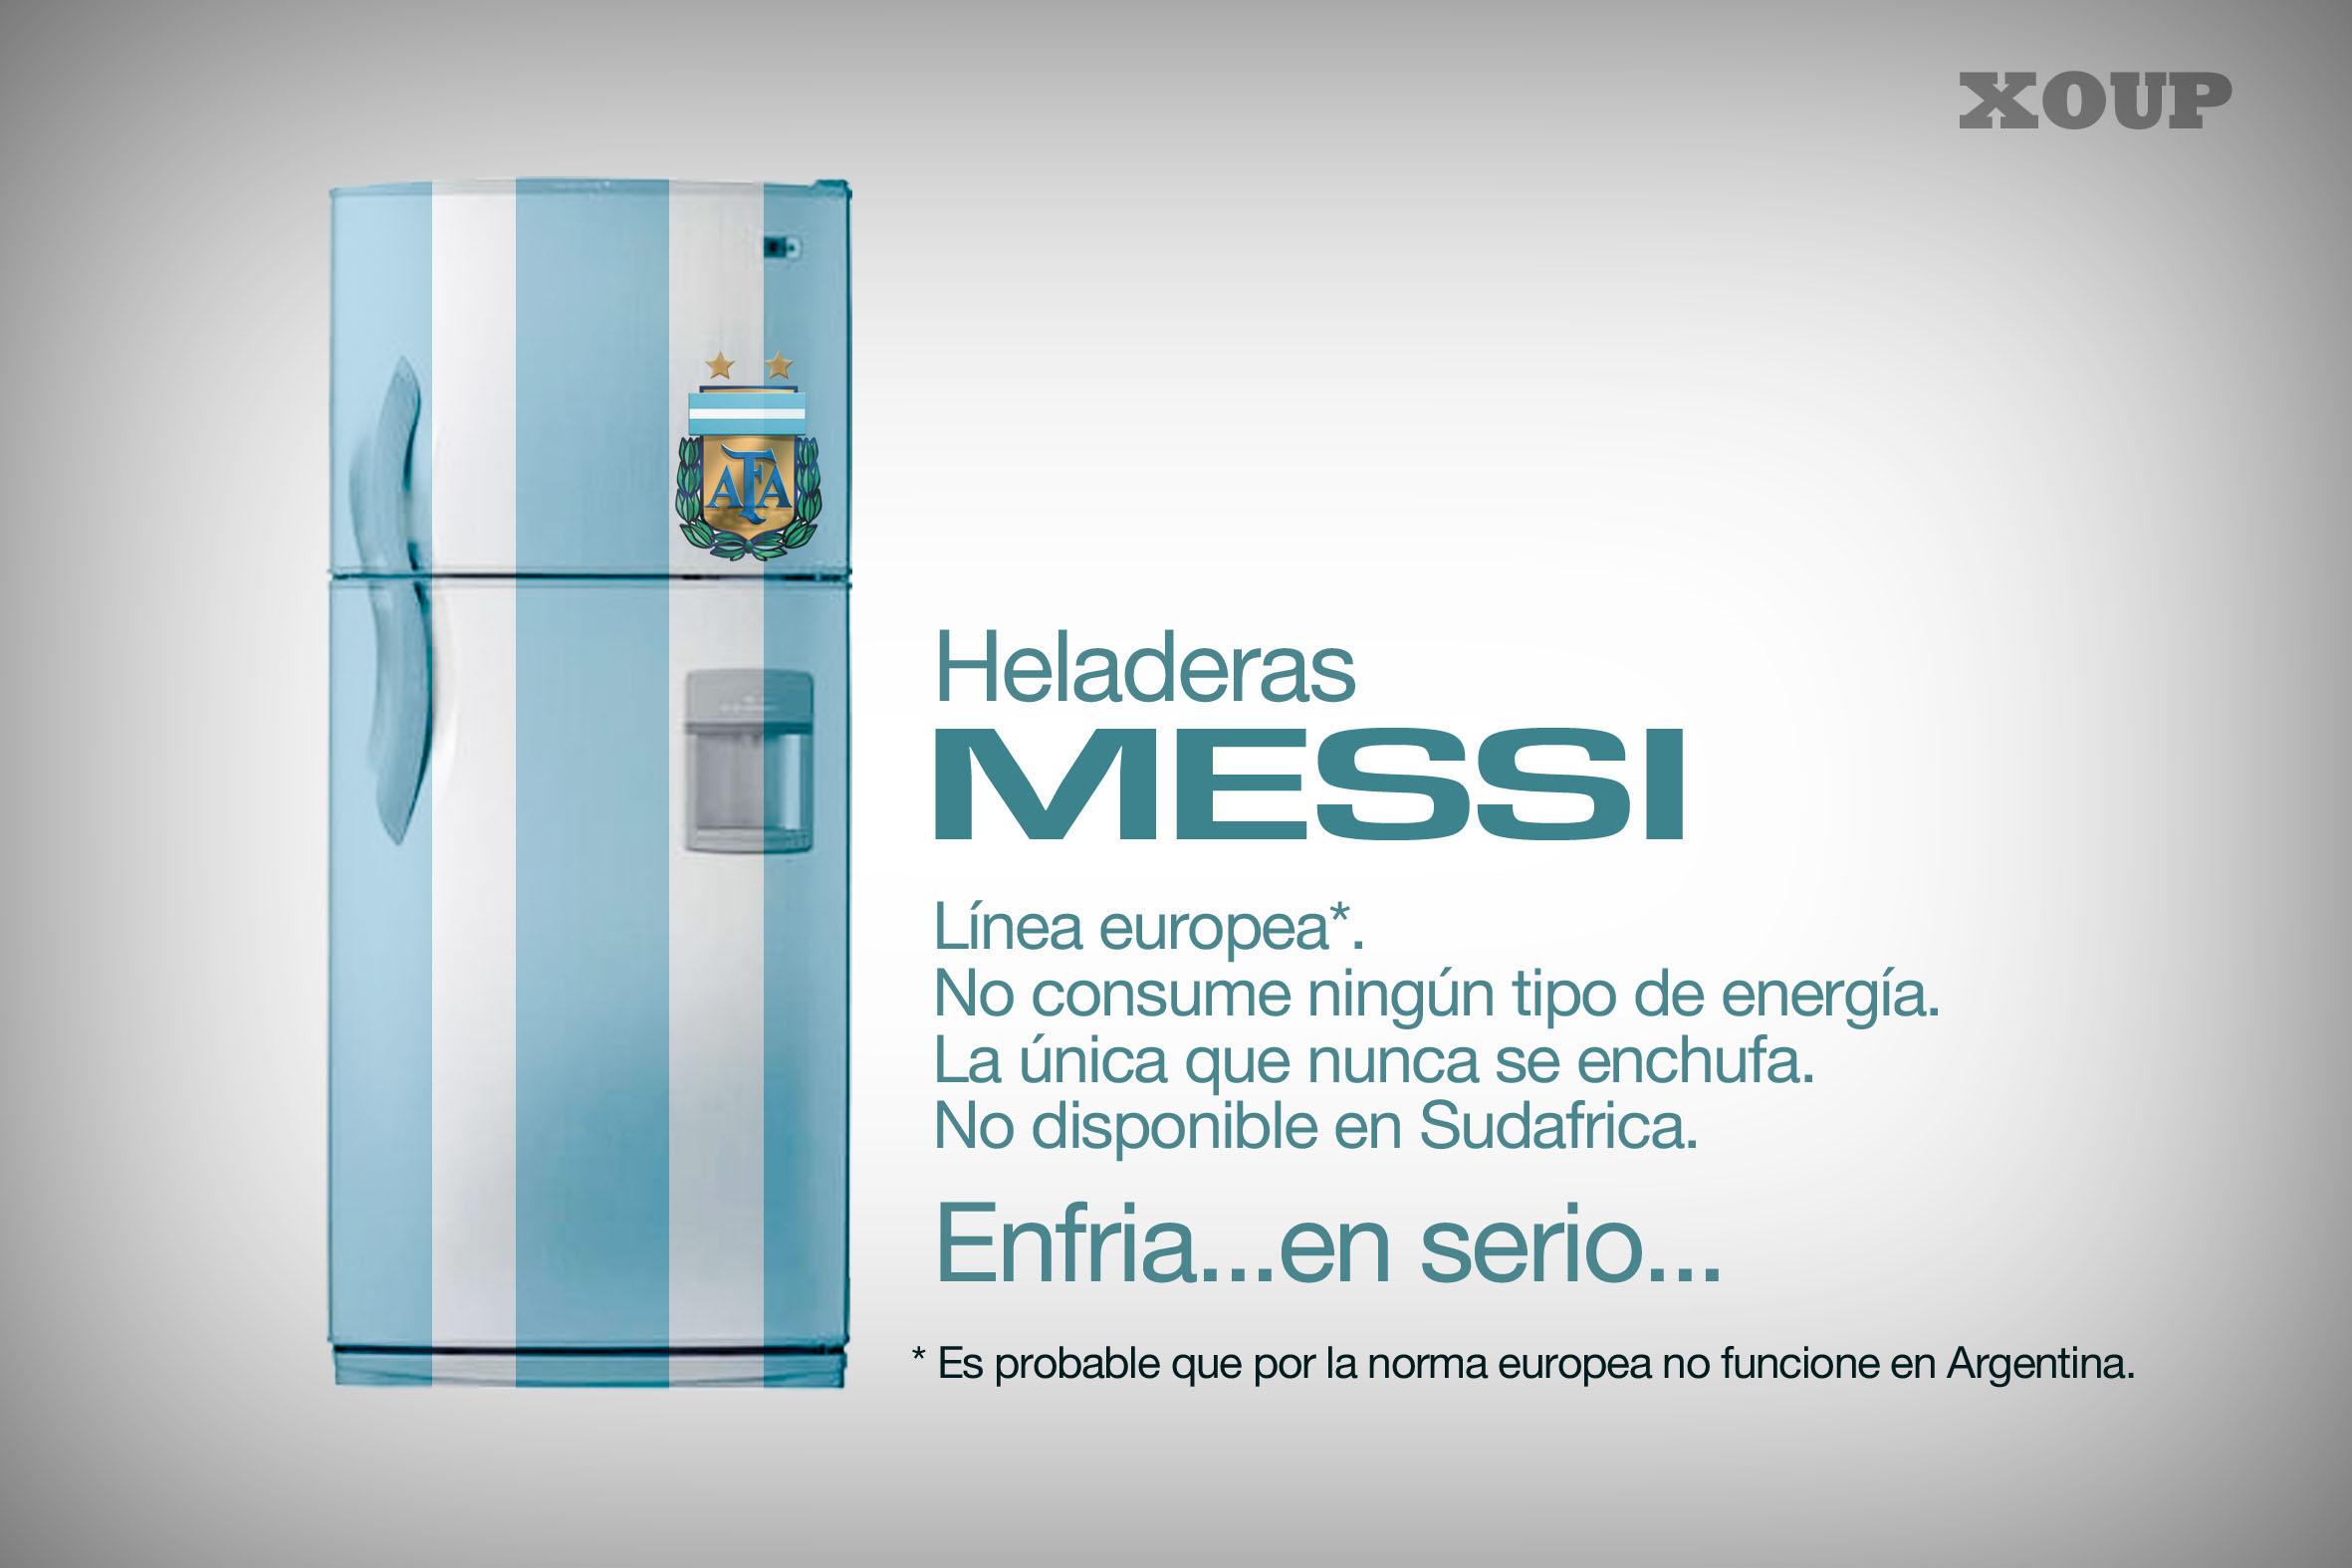 [Club Deportivo Genshiken] - Debate, opinión, boludeces - Página 4 Messi-1309d5a